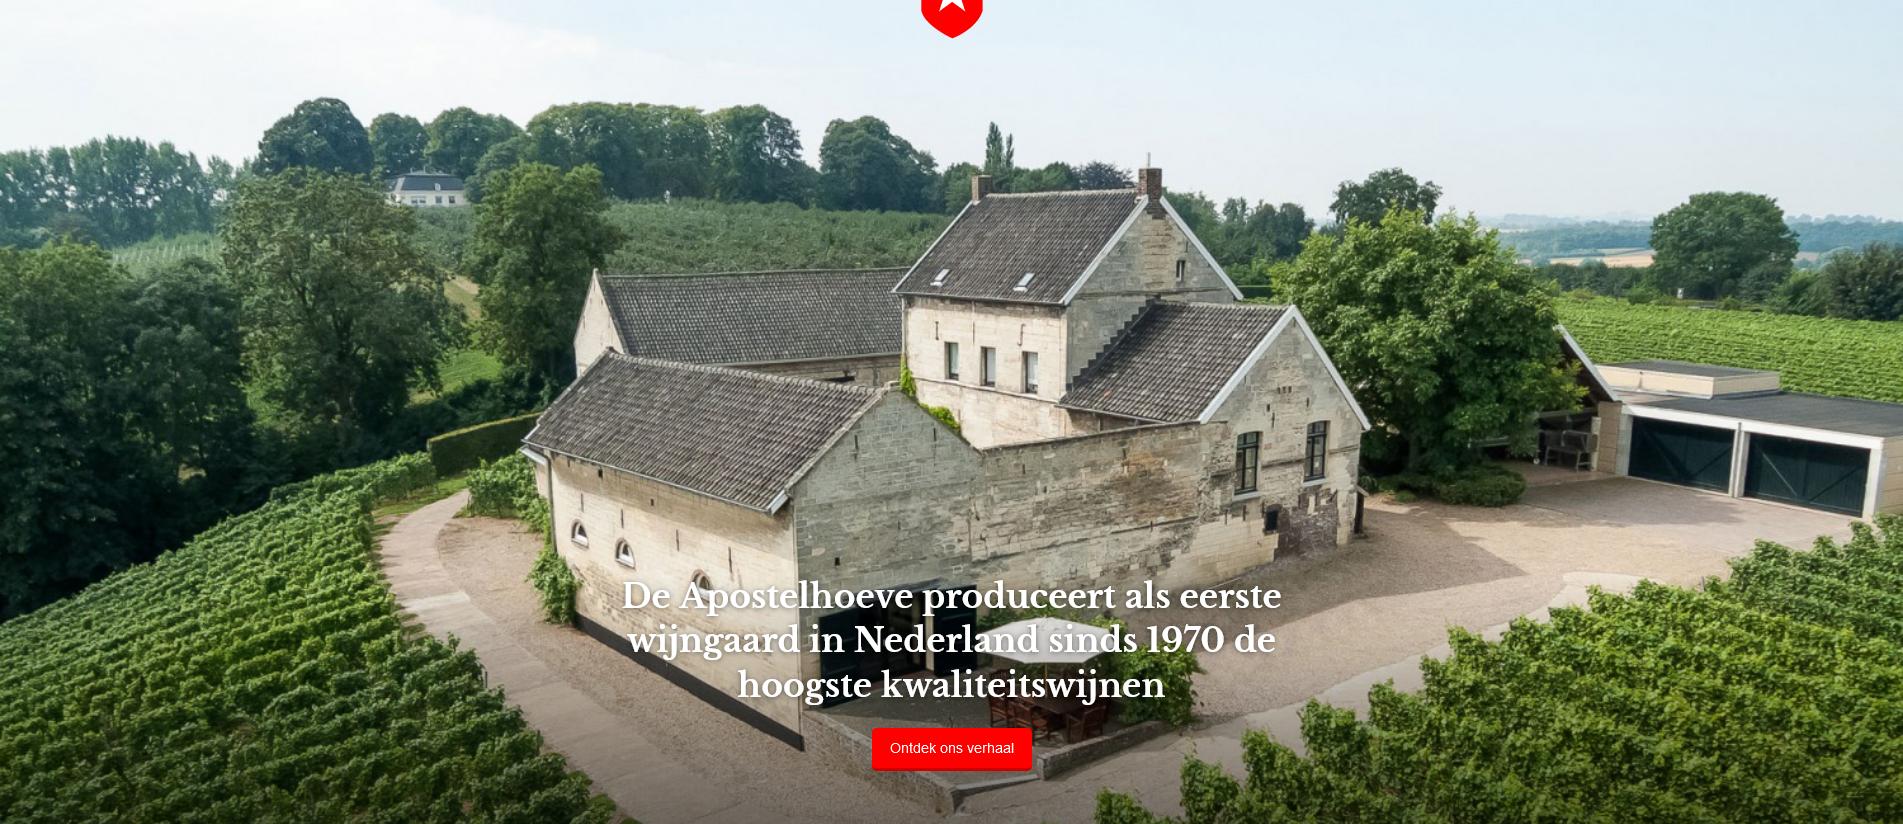 De Apostelhoeve Maastricht